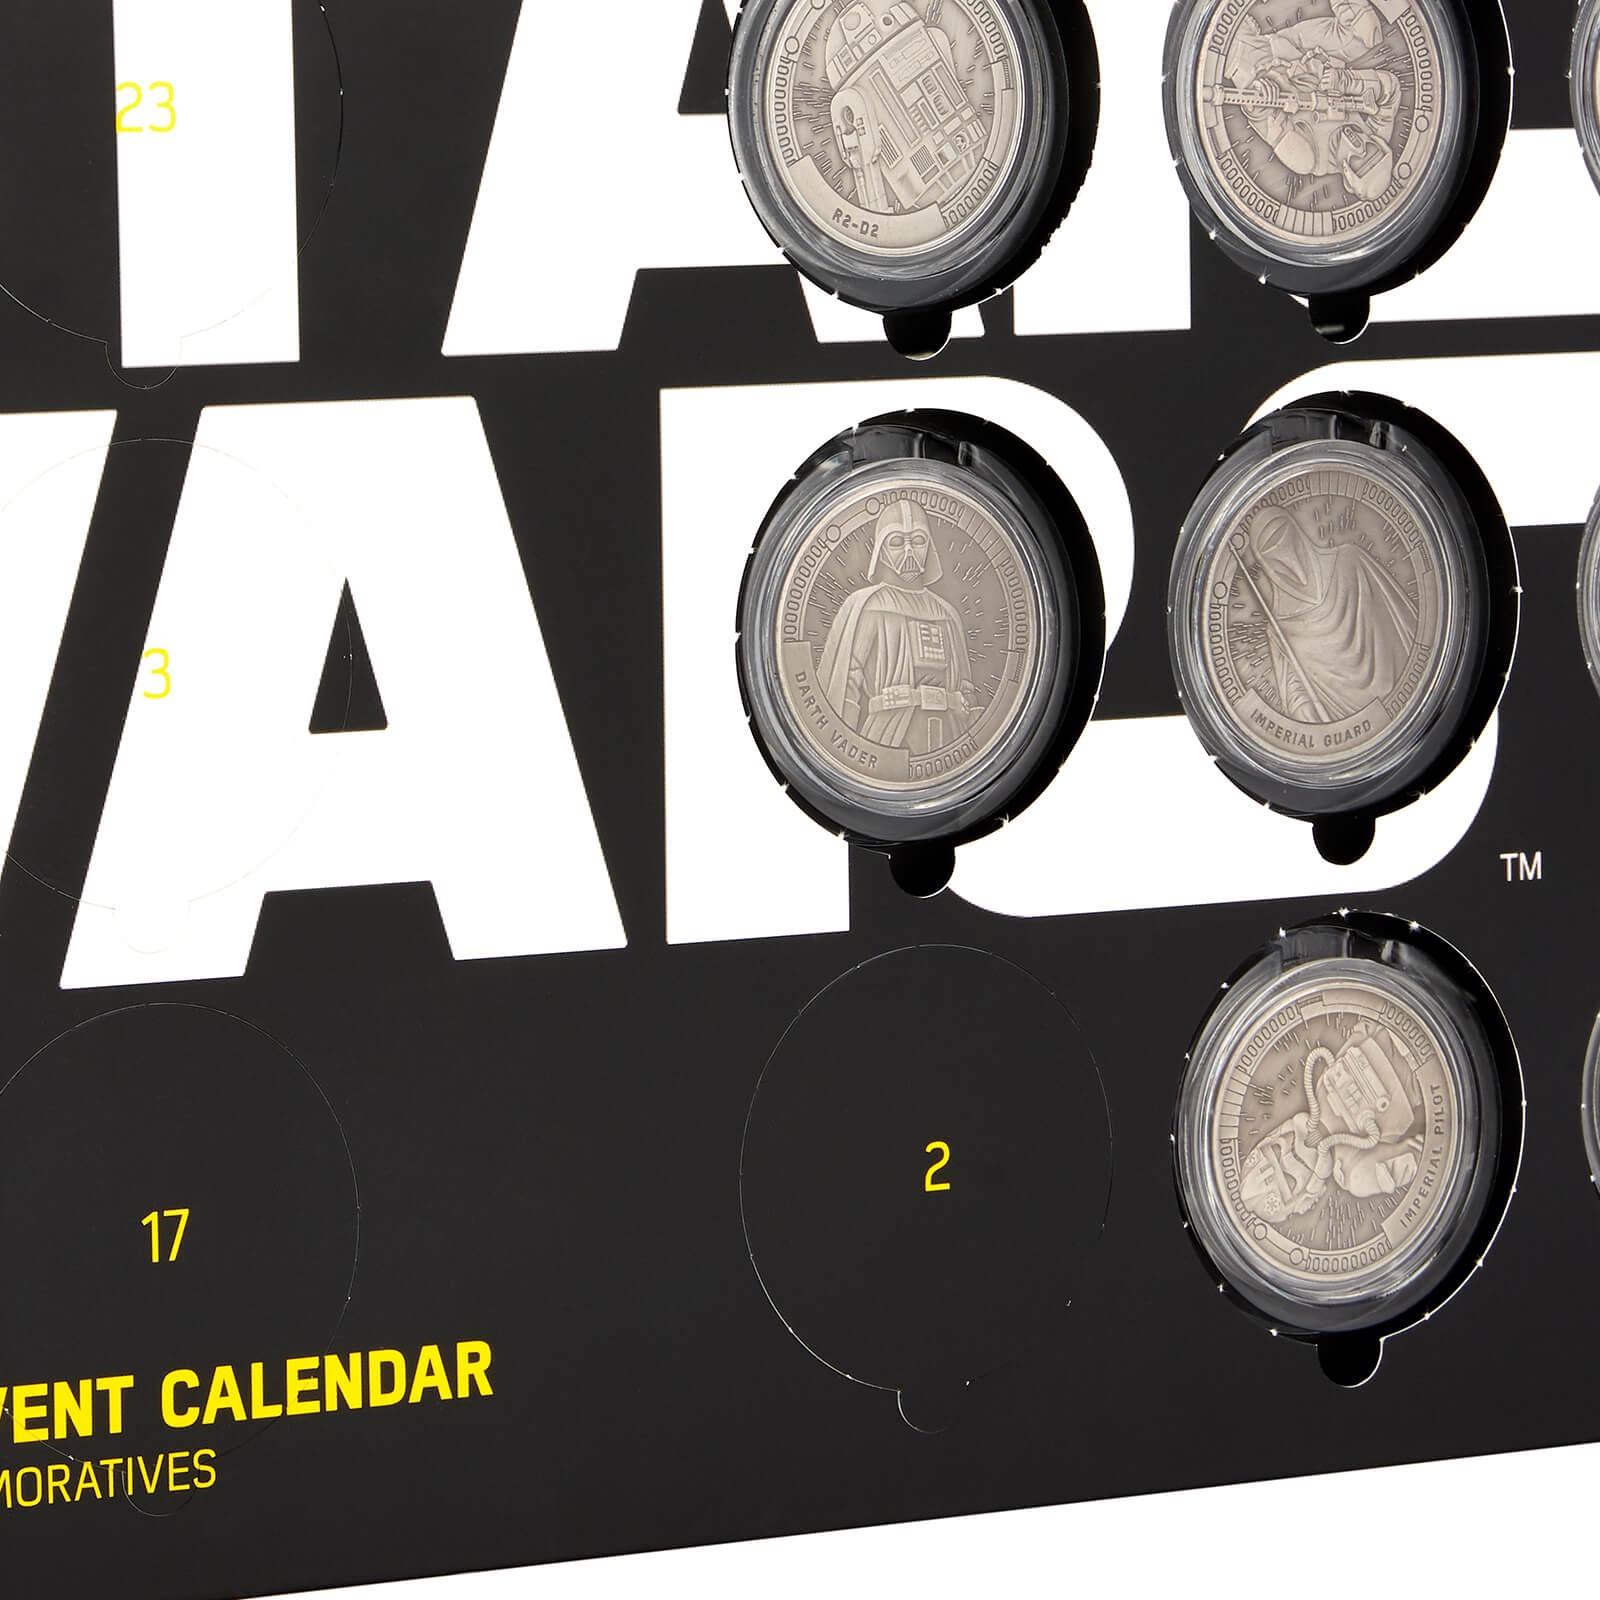 Colección de monedas de Star Wars, Marvel, disney con merchandising de regalo